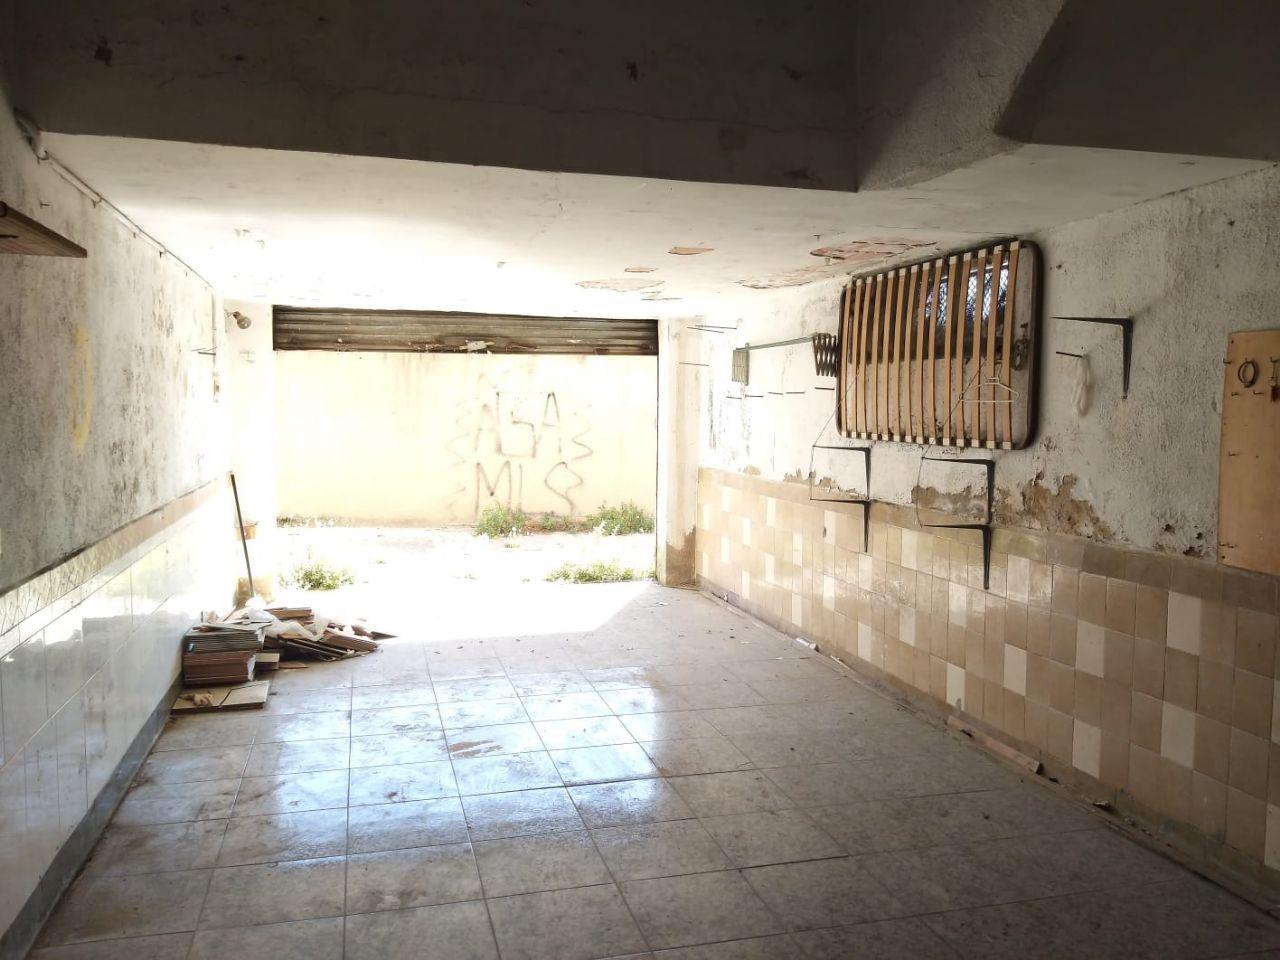 Local comercial en Tarragona, TORREFORTA, venta